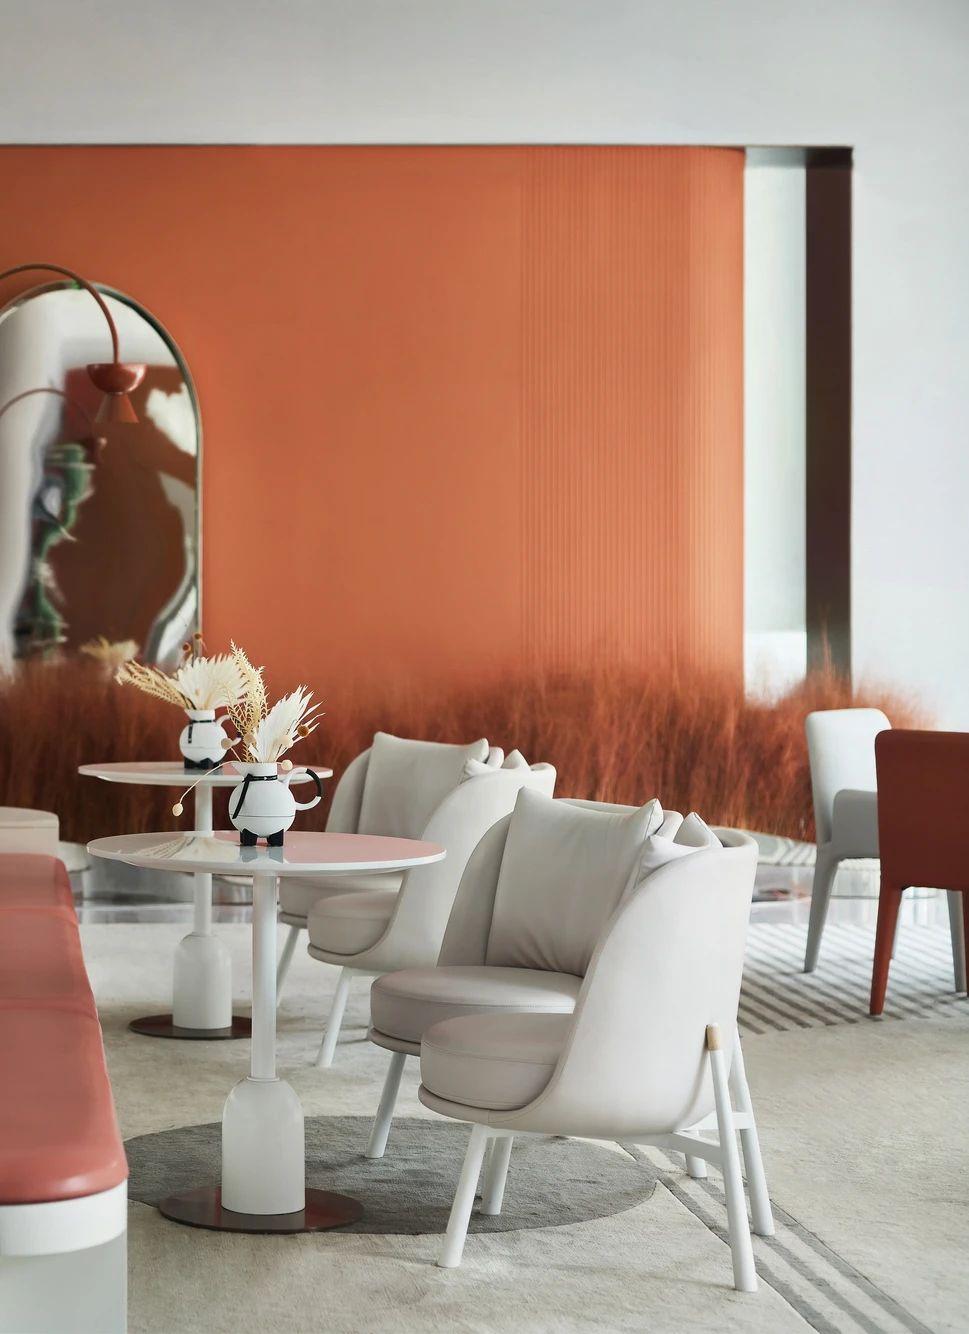 无锡万科青藤公园售楼处 室内设计  /  上海乐尚设计